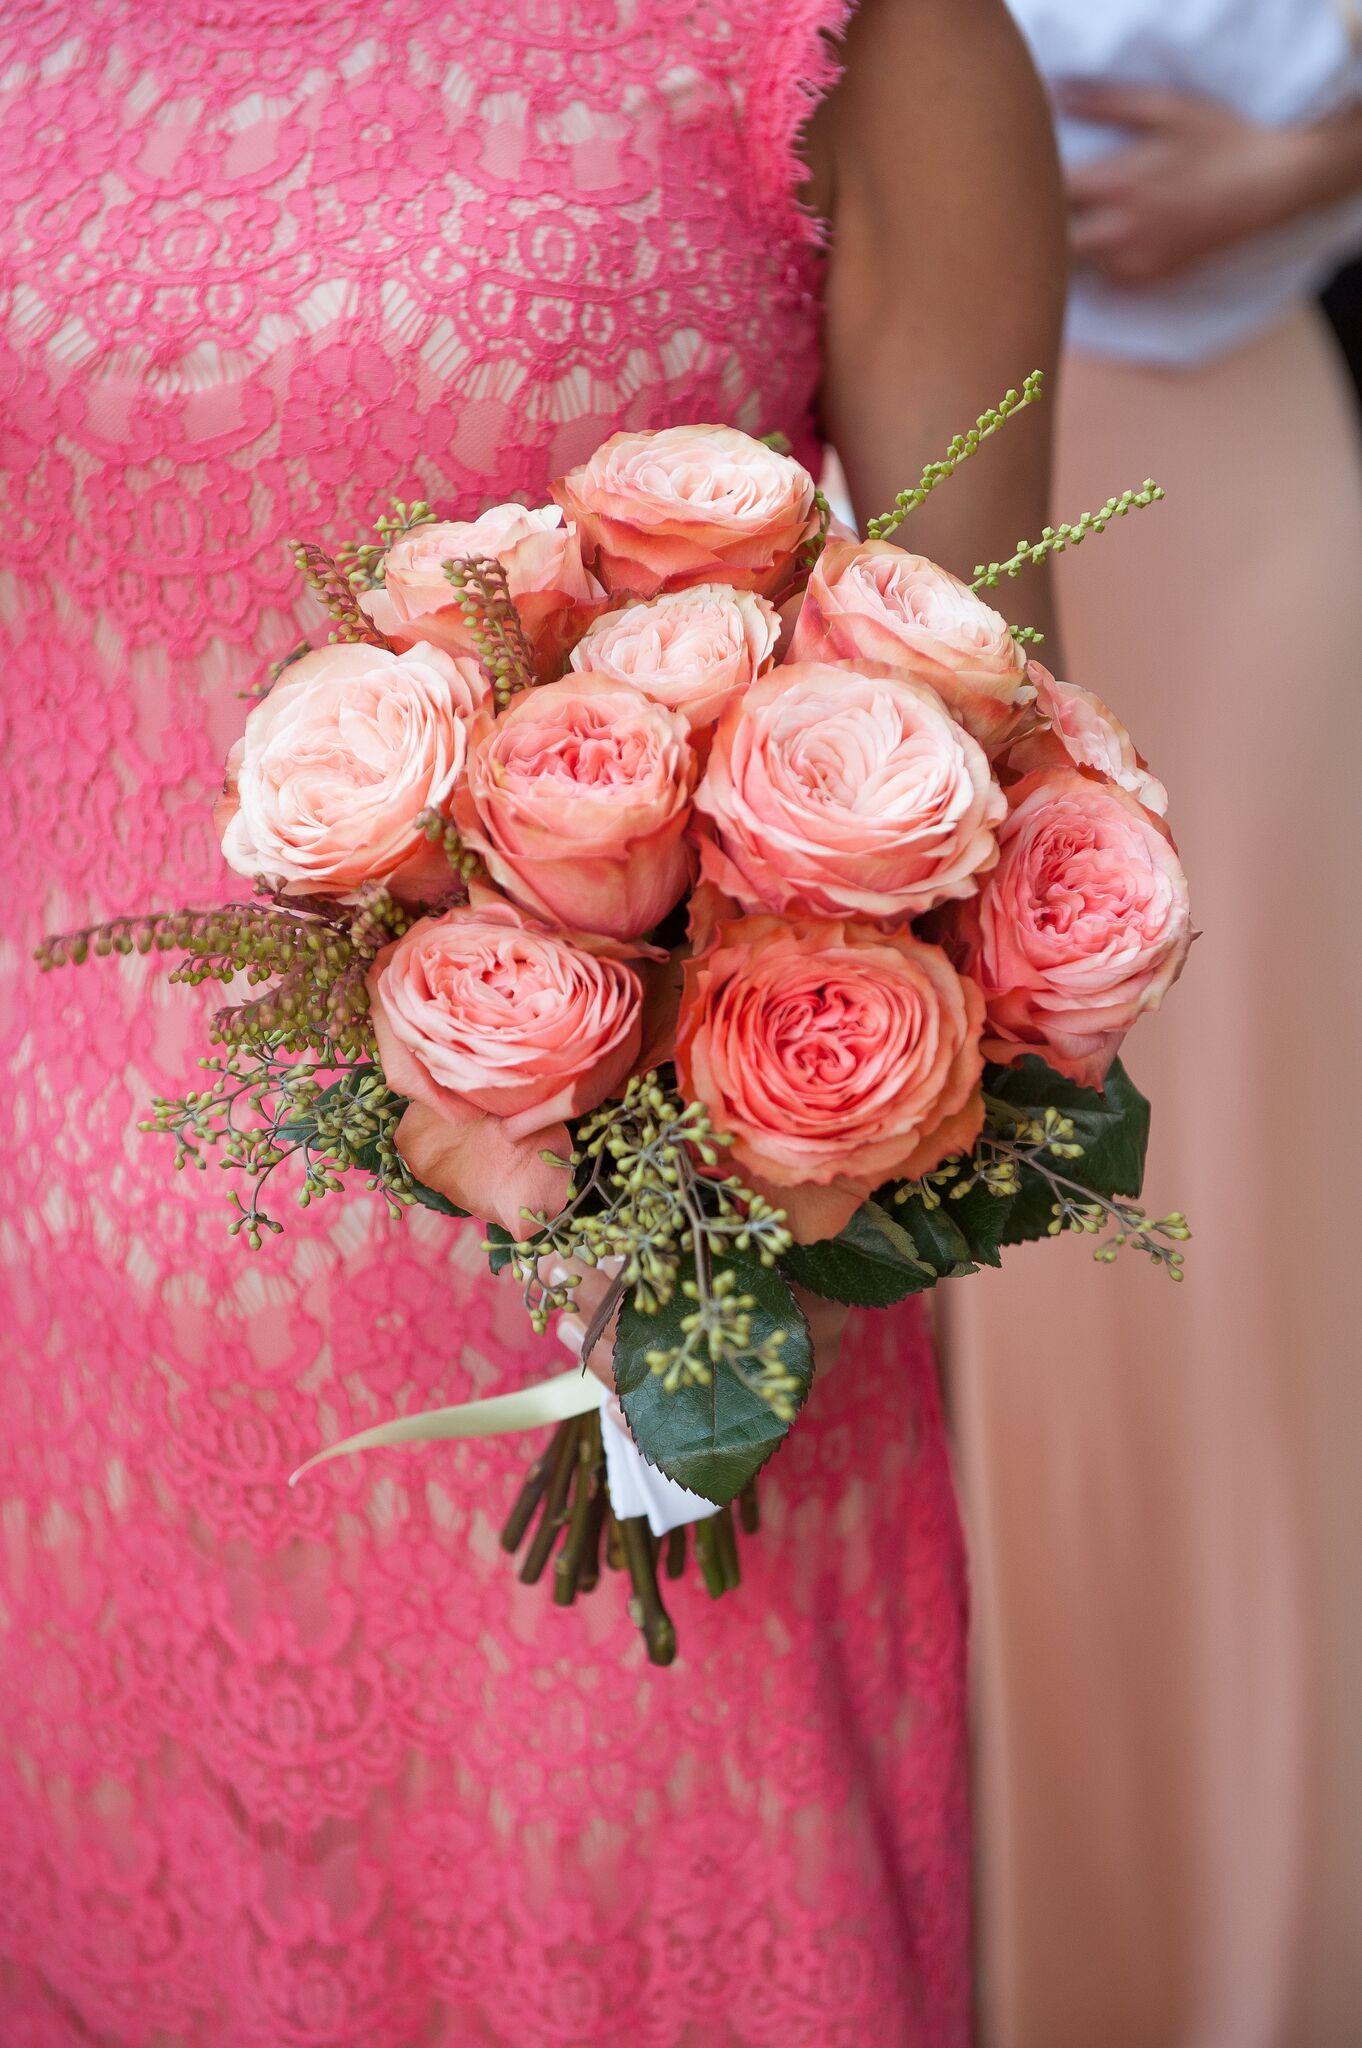 15 Fall Wedding Bouquets - Best Bridal Flower Ideas for Fall Weddings